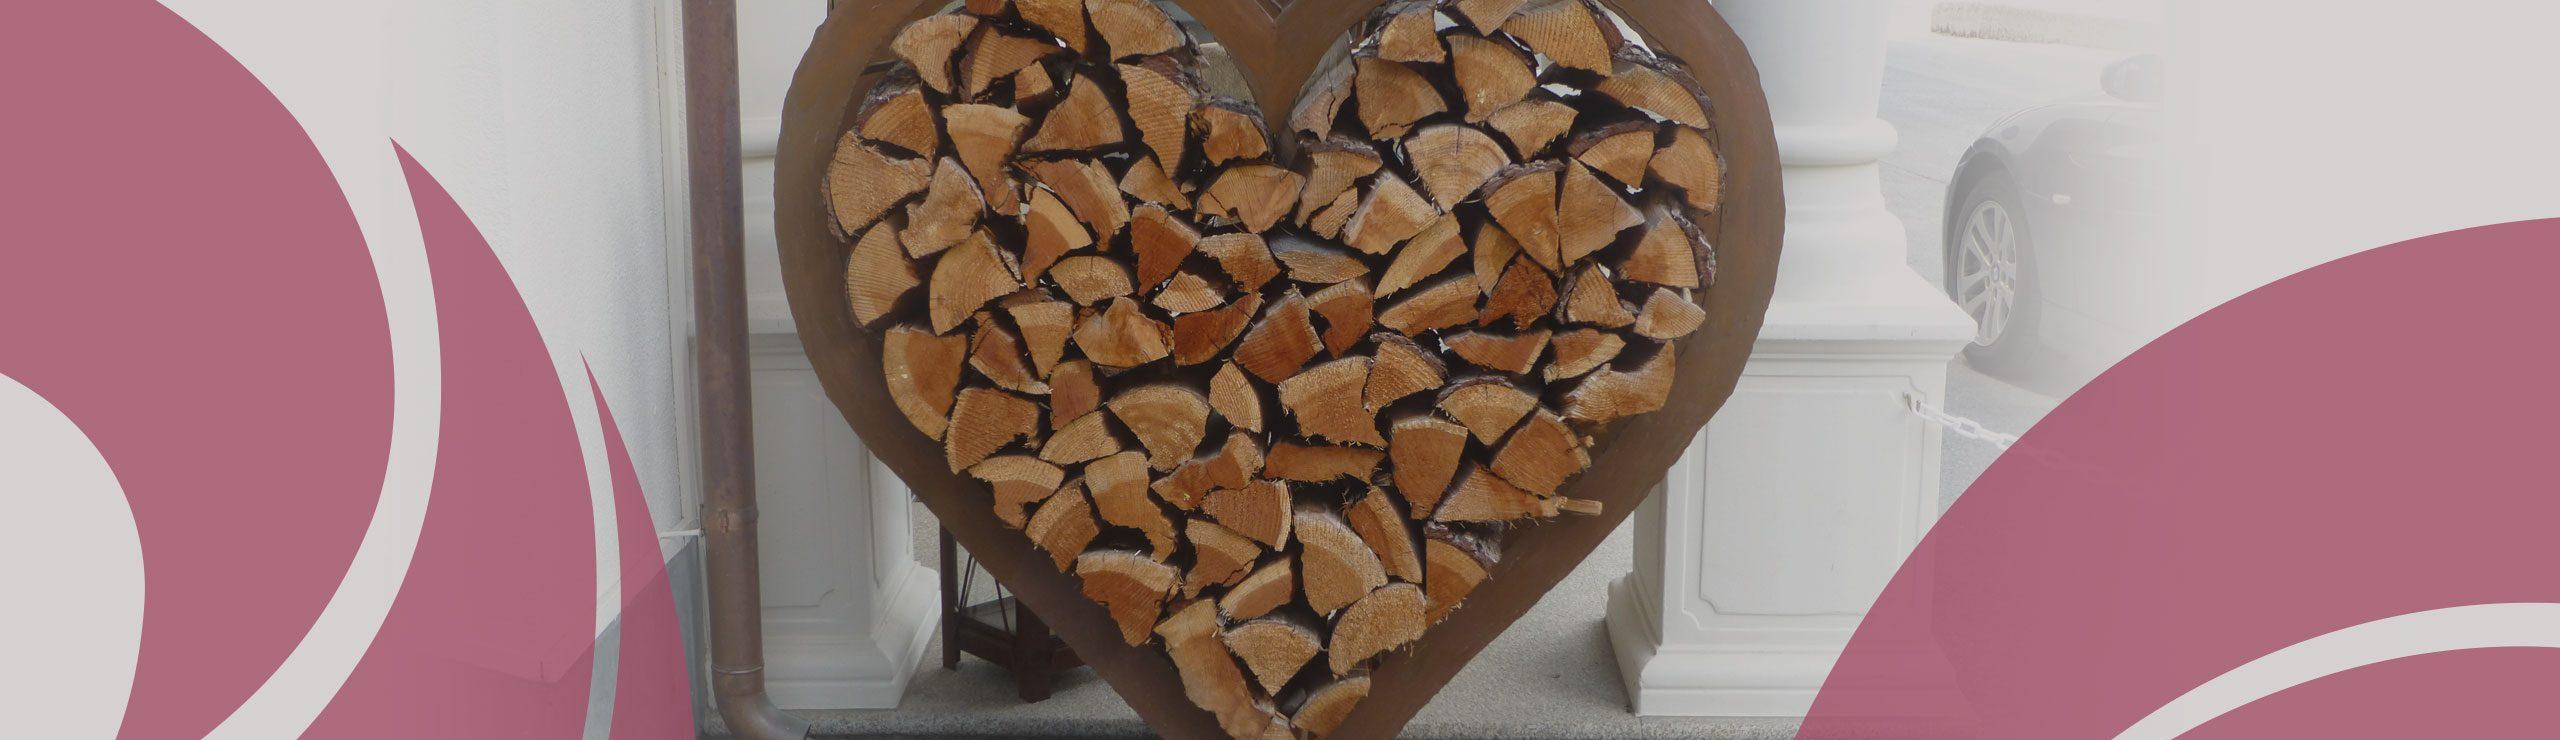 Herz aus Holzelementen | Hospizverein Bayreuth